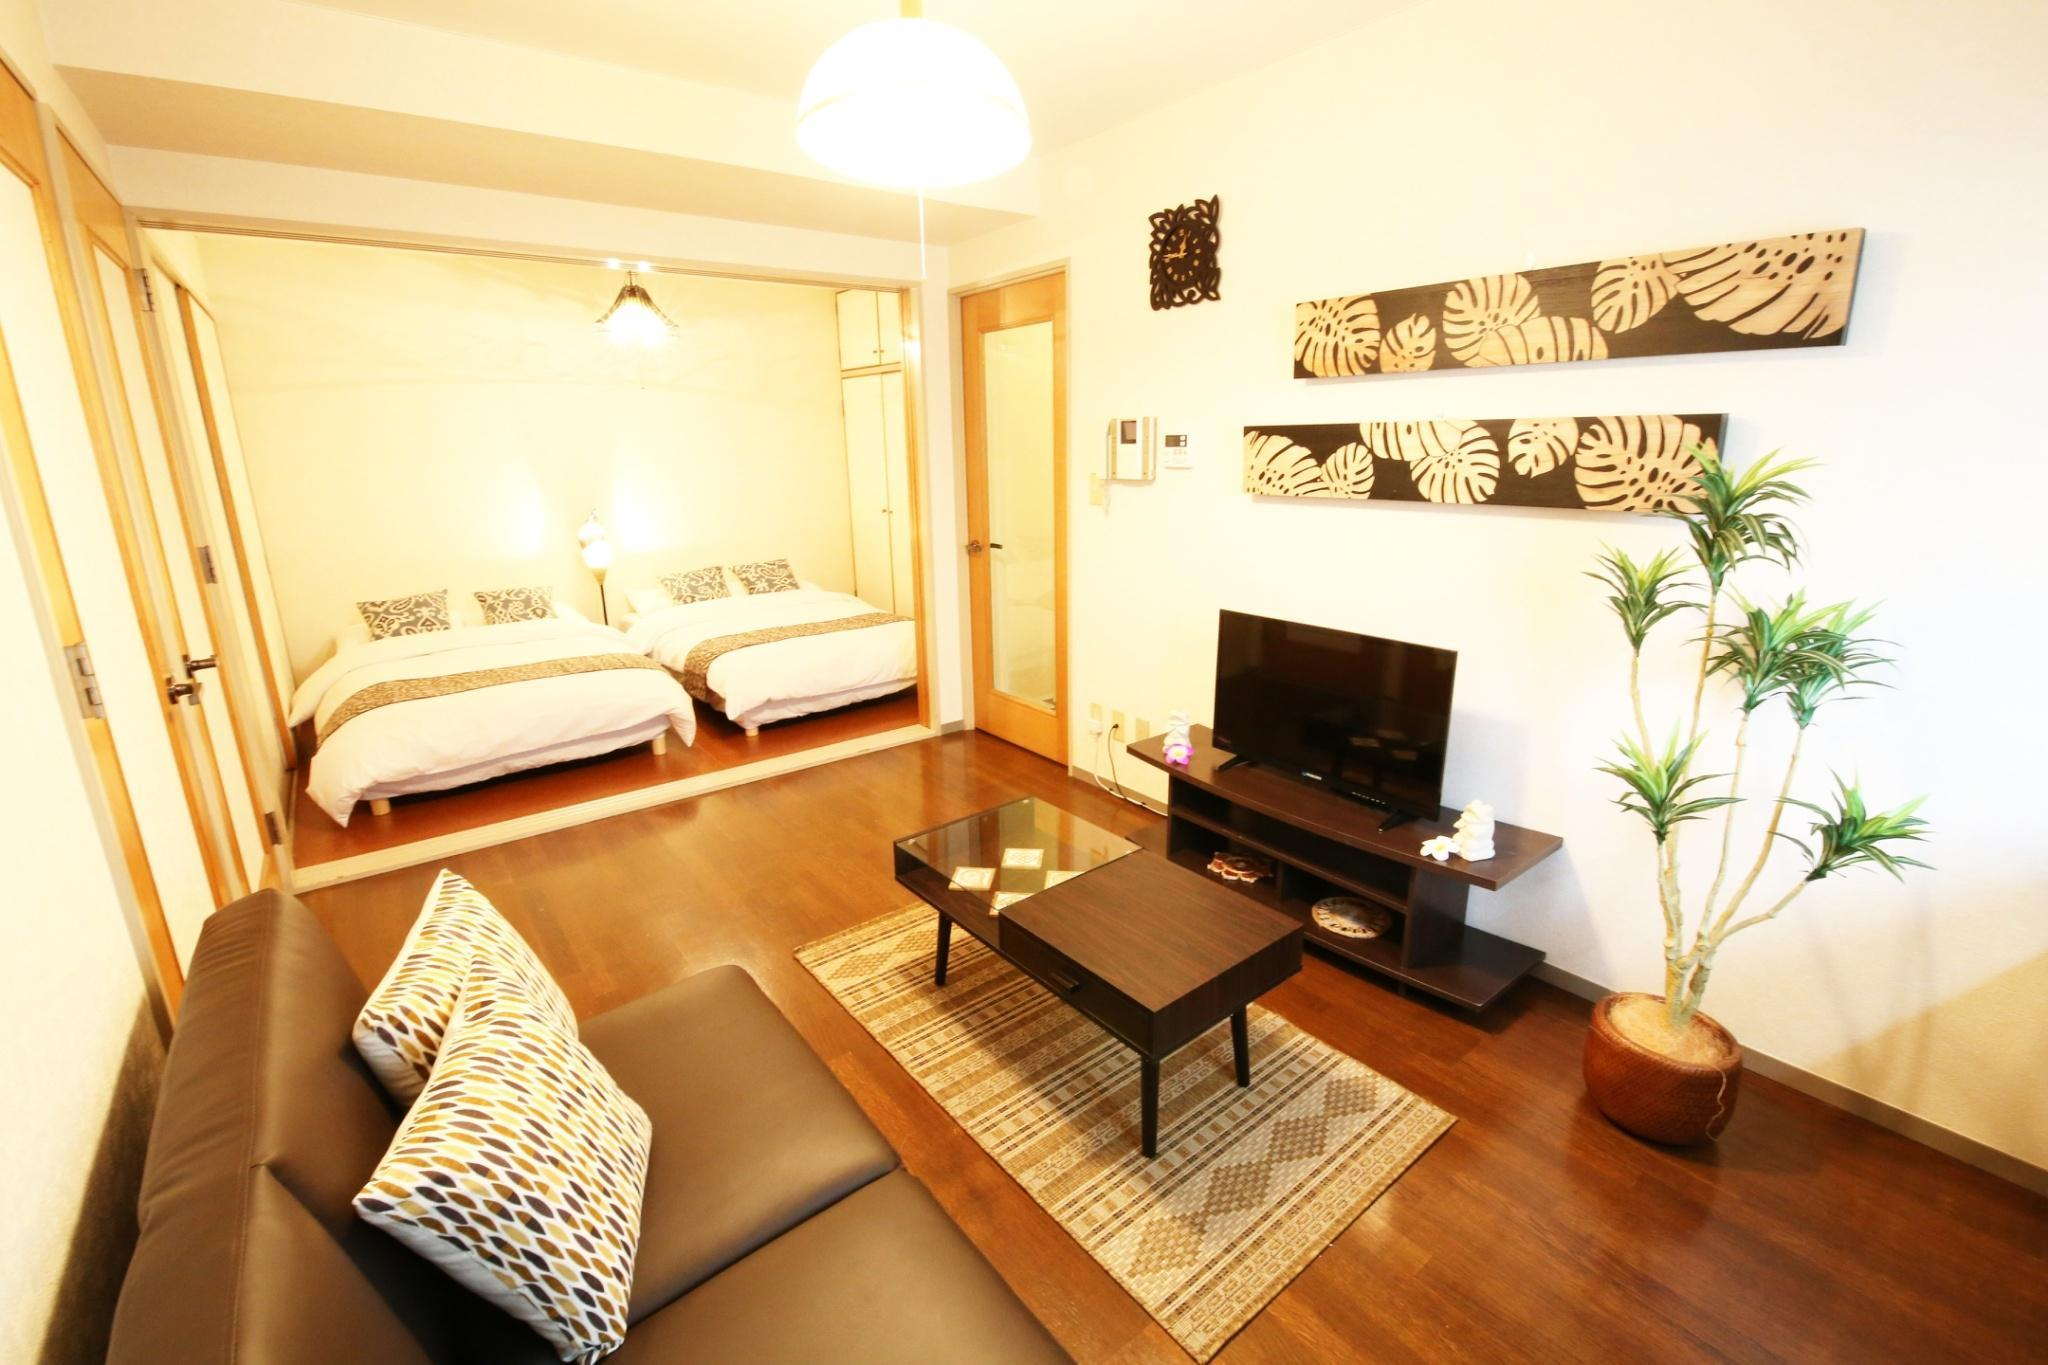 GT02Atami ONSEN Resort 4 BEDROOM STUDIO OCEAN VIEW